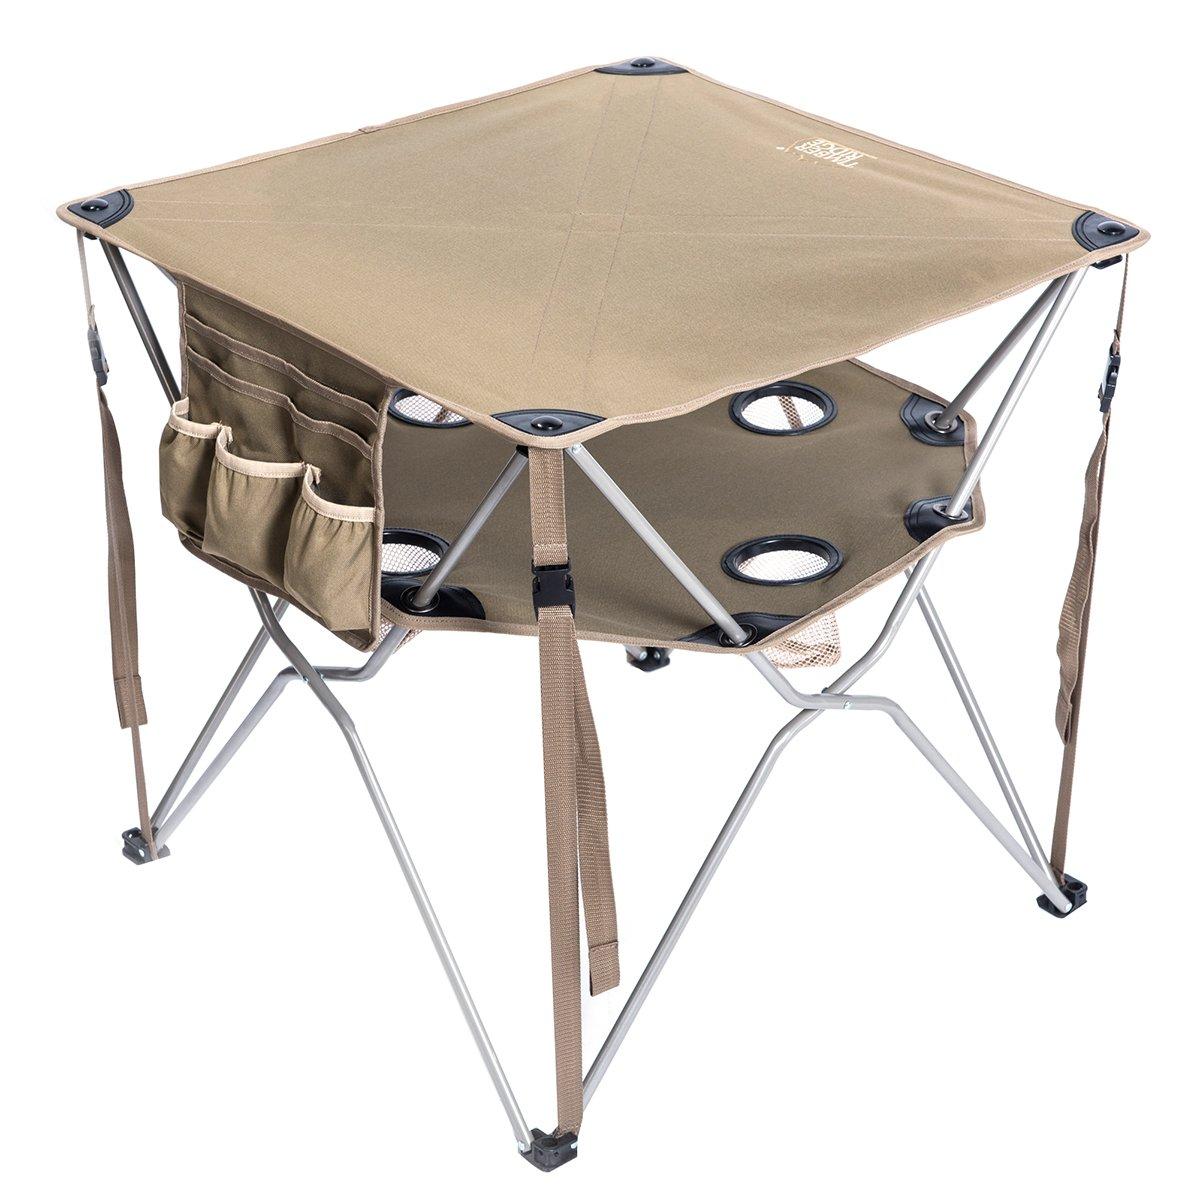 Timber Ridge軽量折りたたみユーティリティアウトドアキャンプテーブル B077MDVCQP